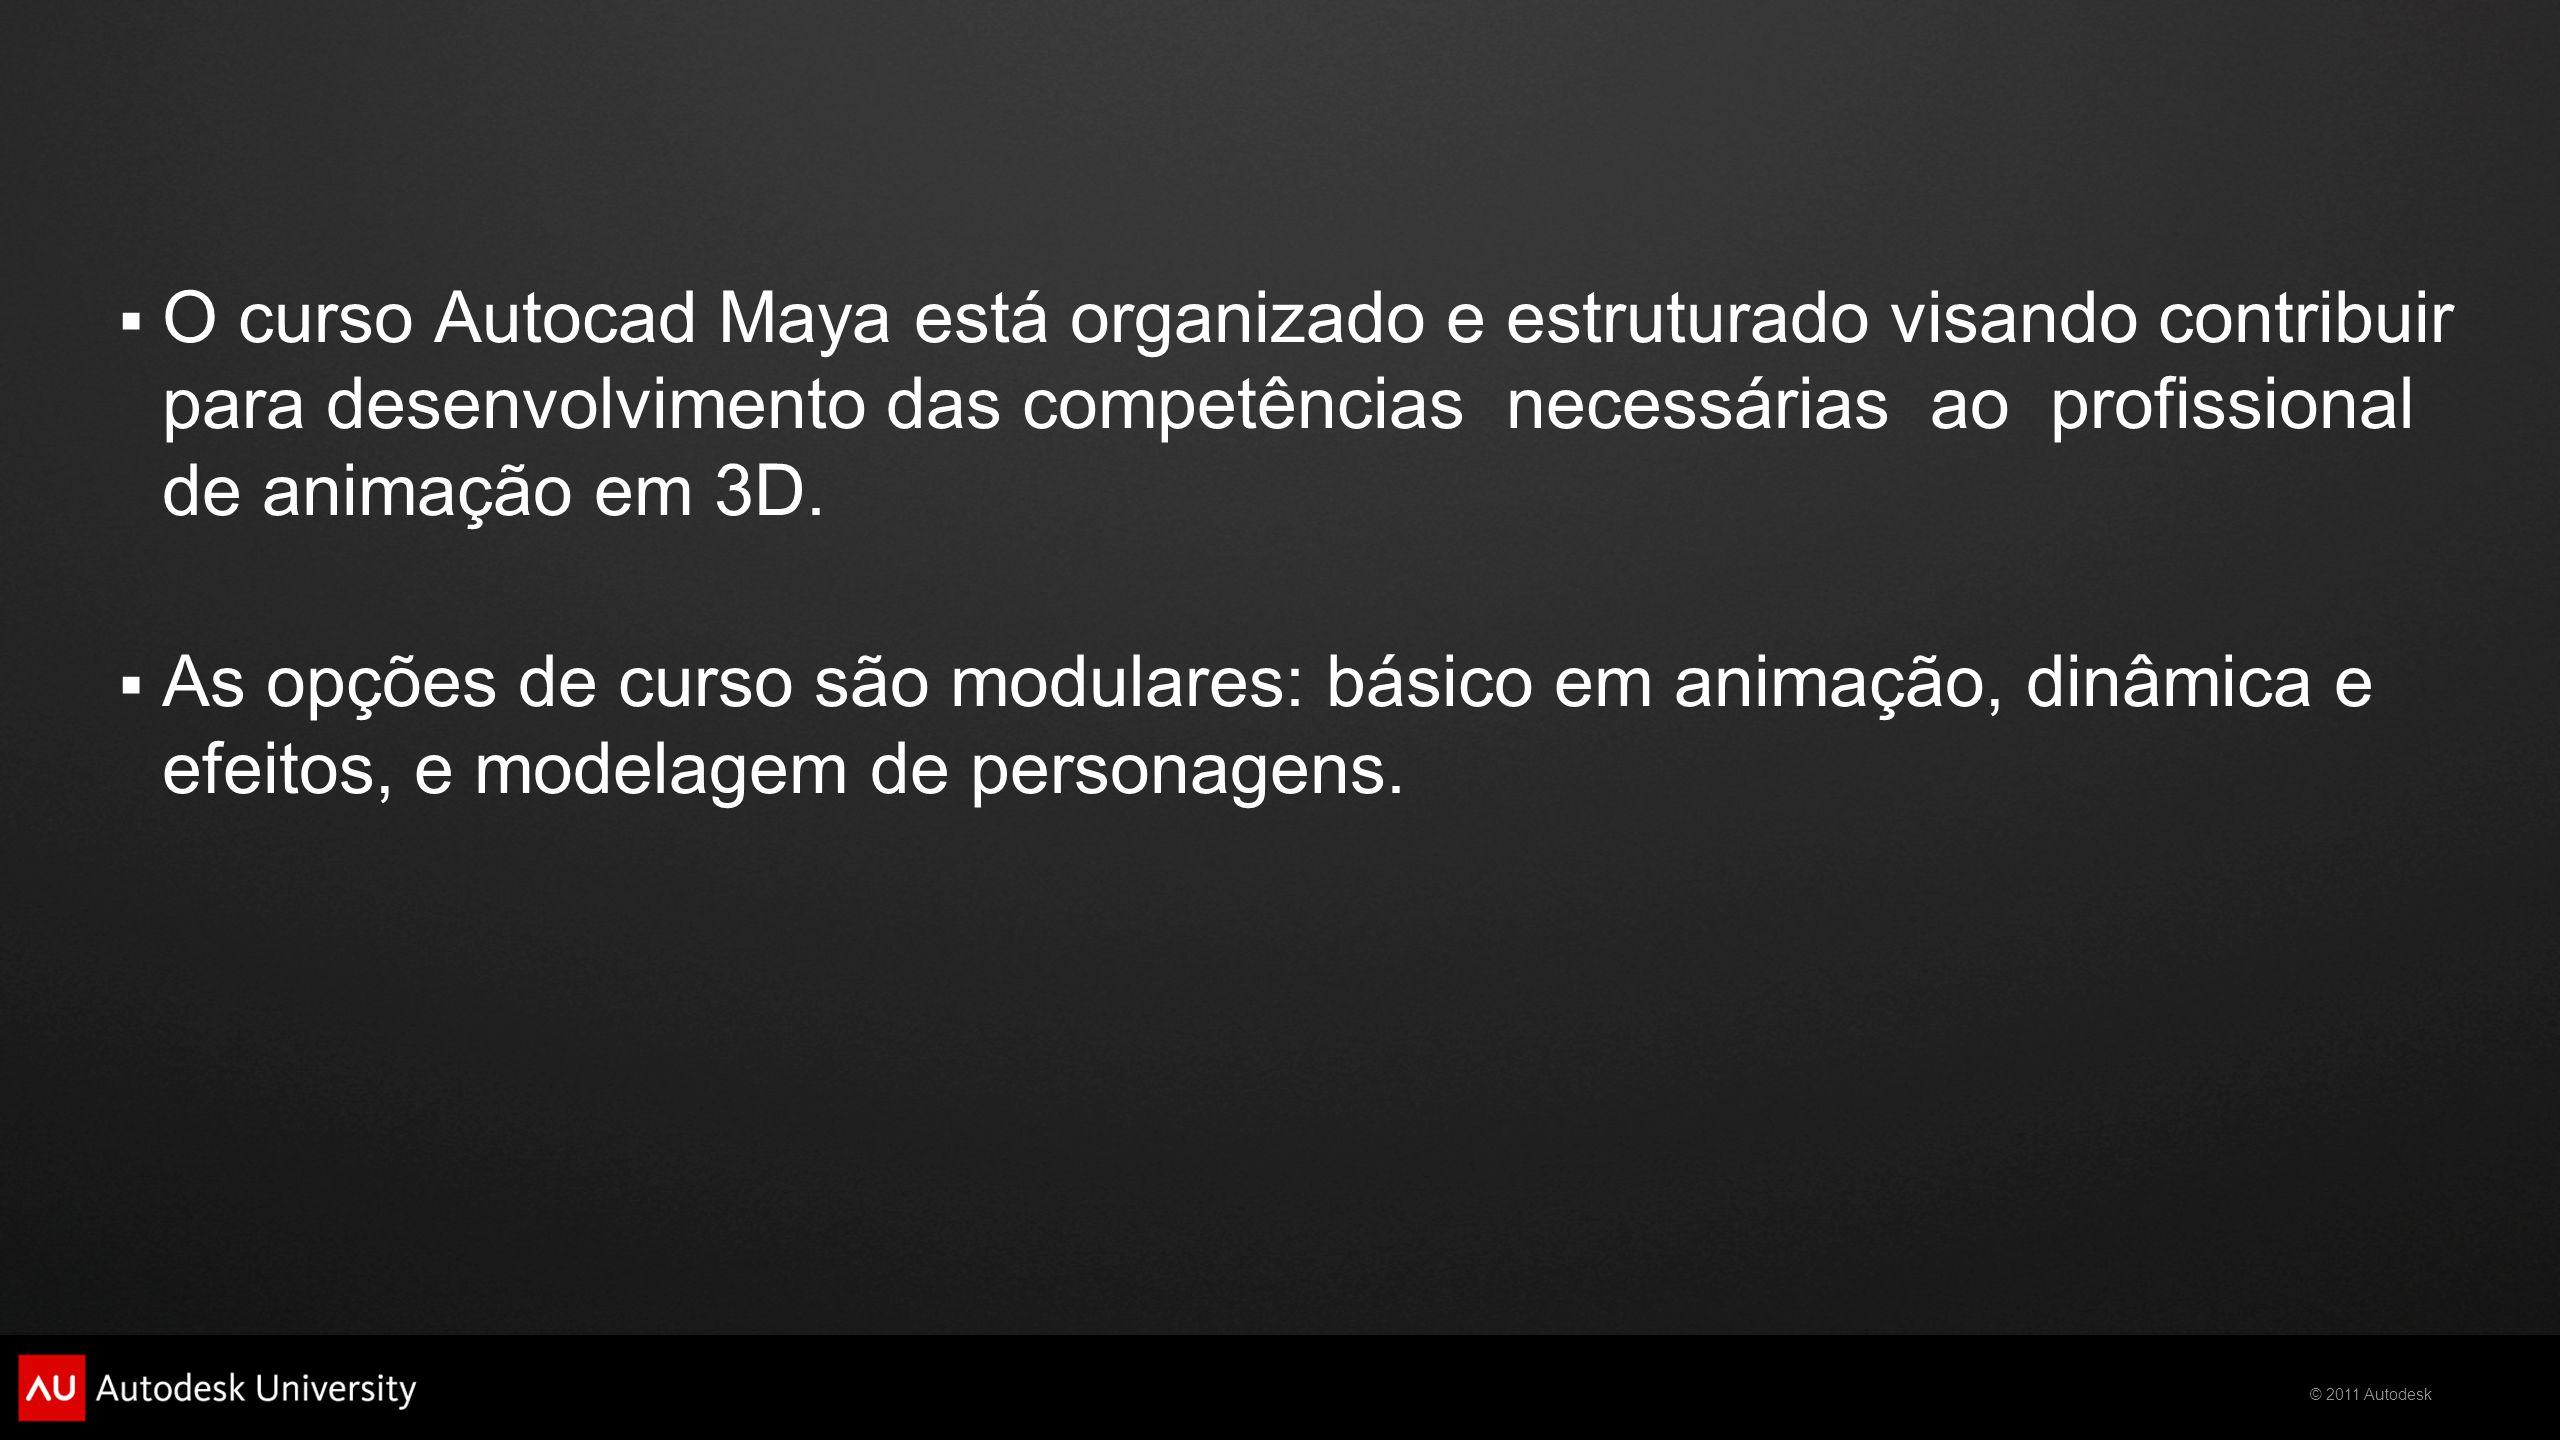  O curso Autocad Maya está organizado e estruturado visando contribuir para desenvolvimento das competências necessárias ao profissional de animação